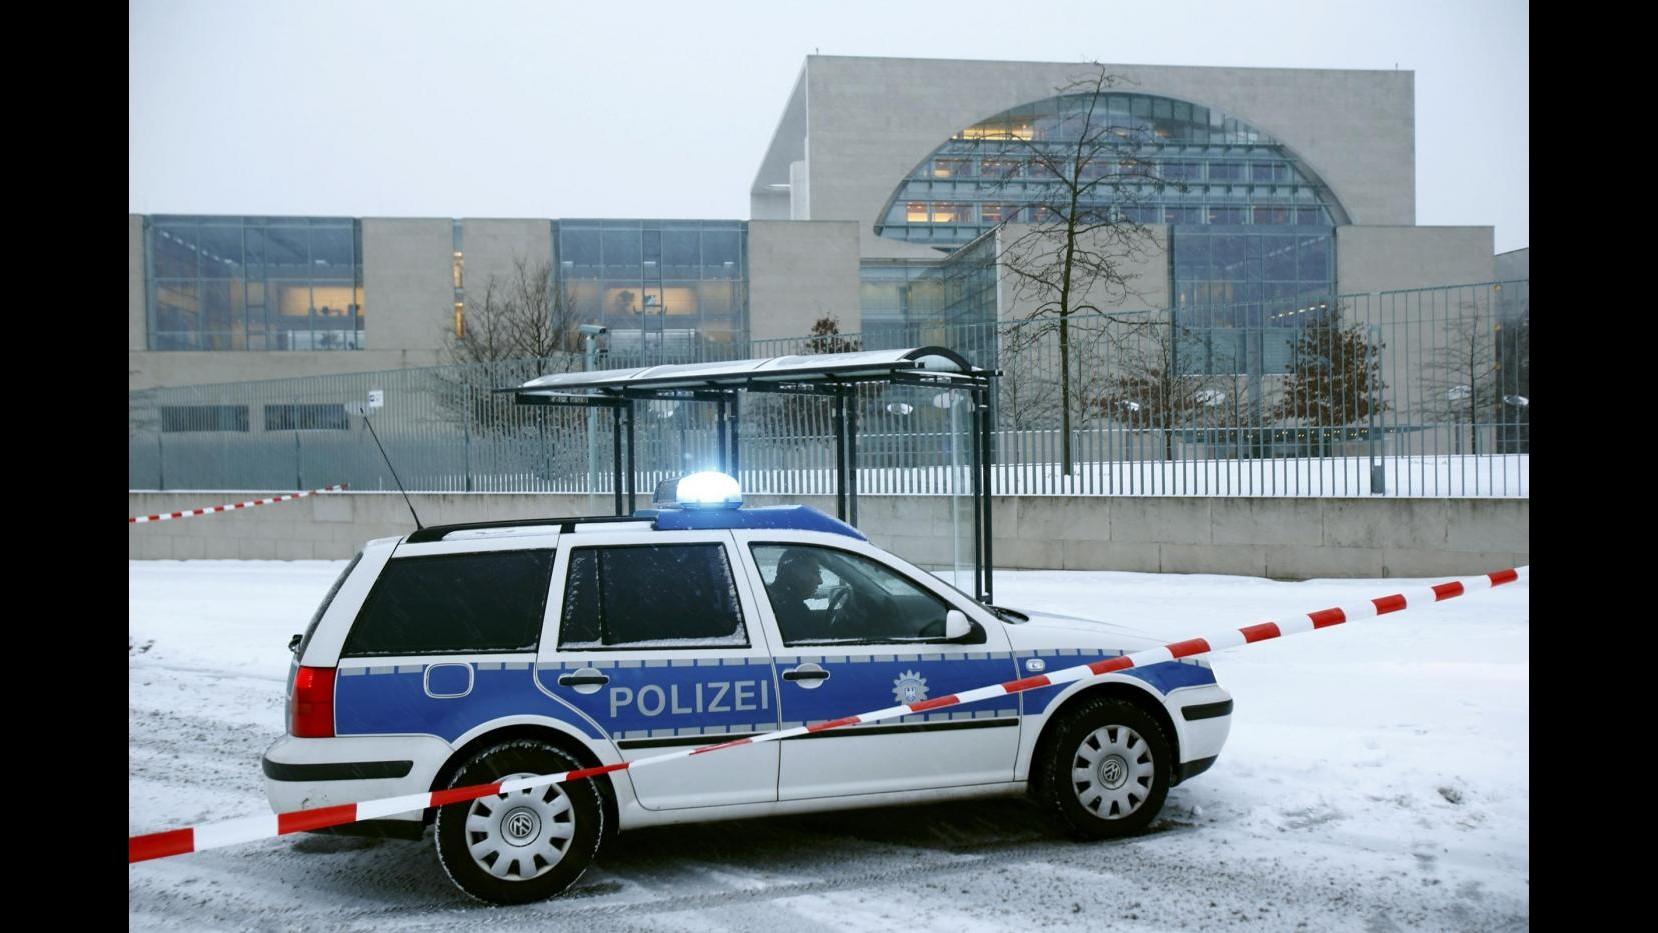 Germania, rientra allarme in ufficio Merkel: nel pacco nulla di sospetto